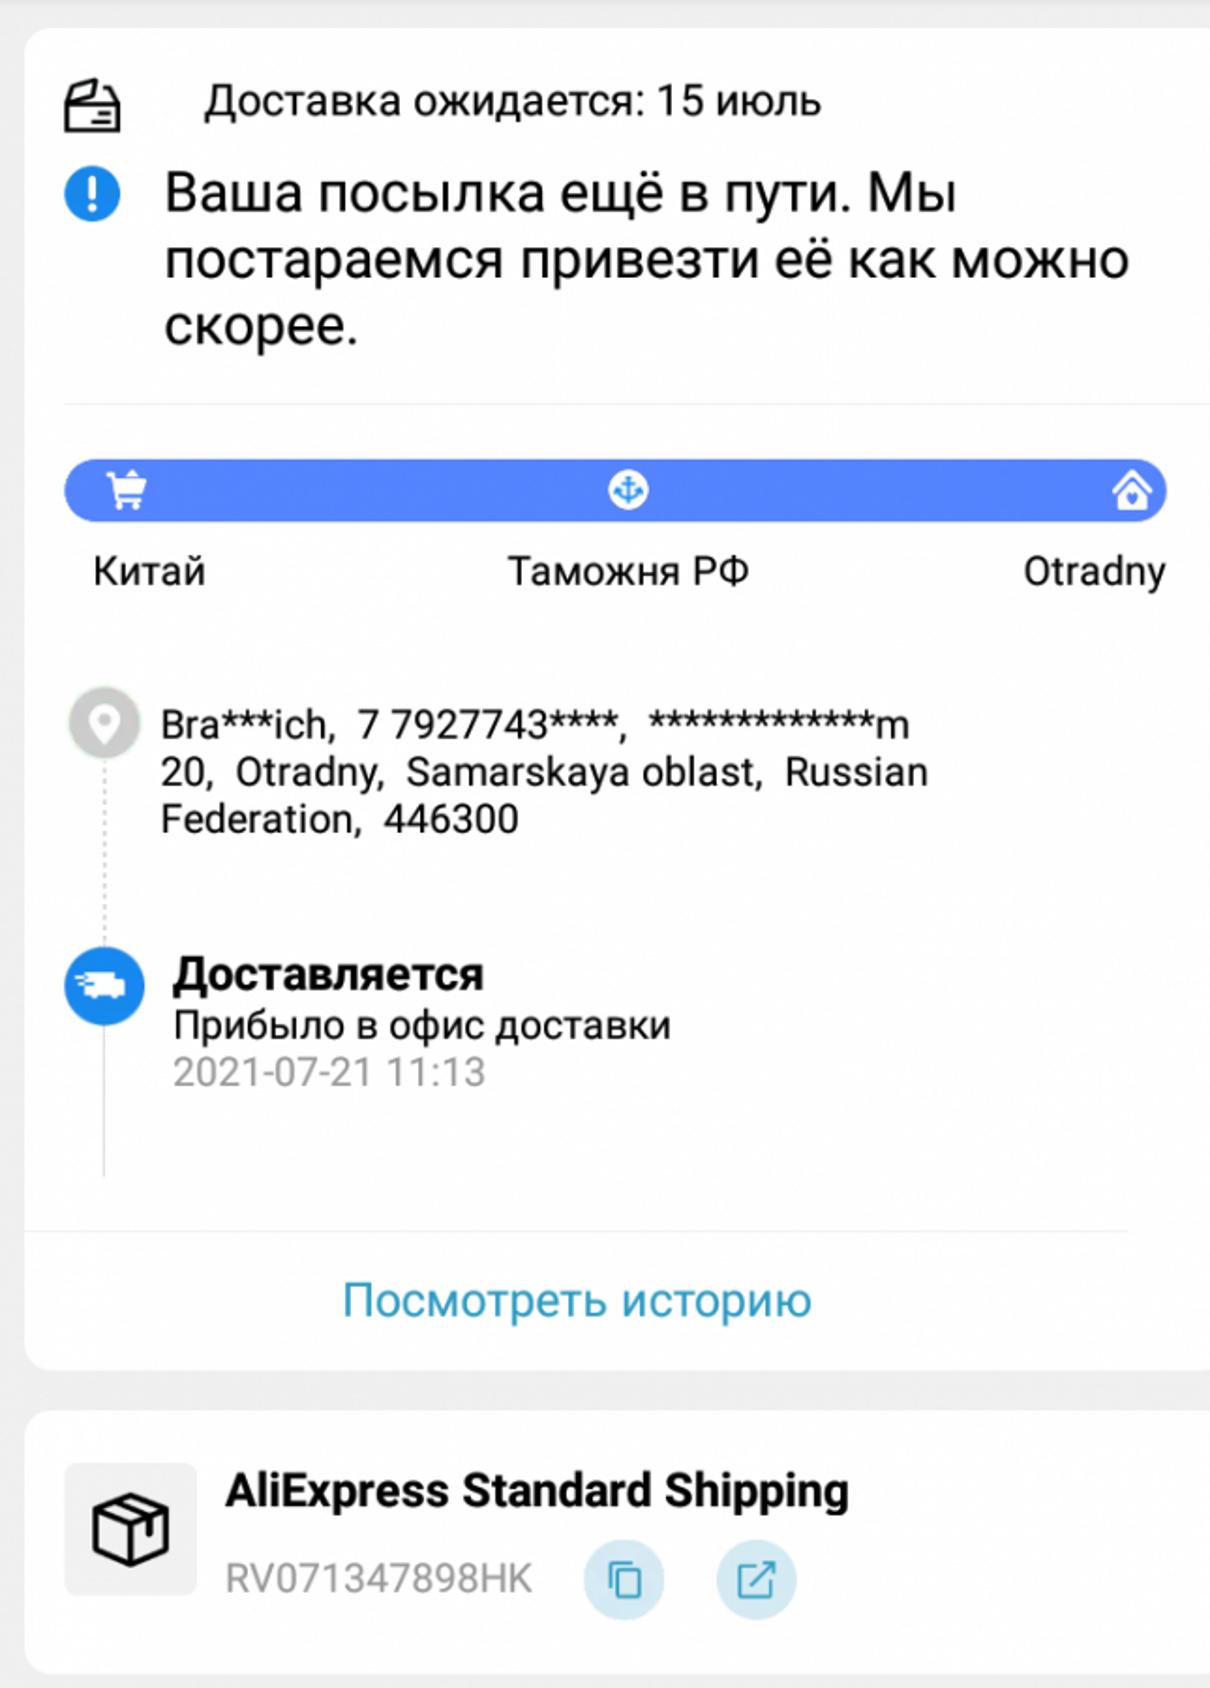 Жалоба-отзыв: Почта России - Доставка товара